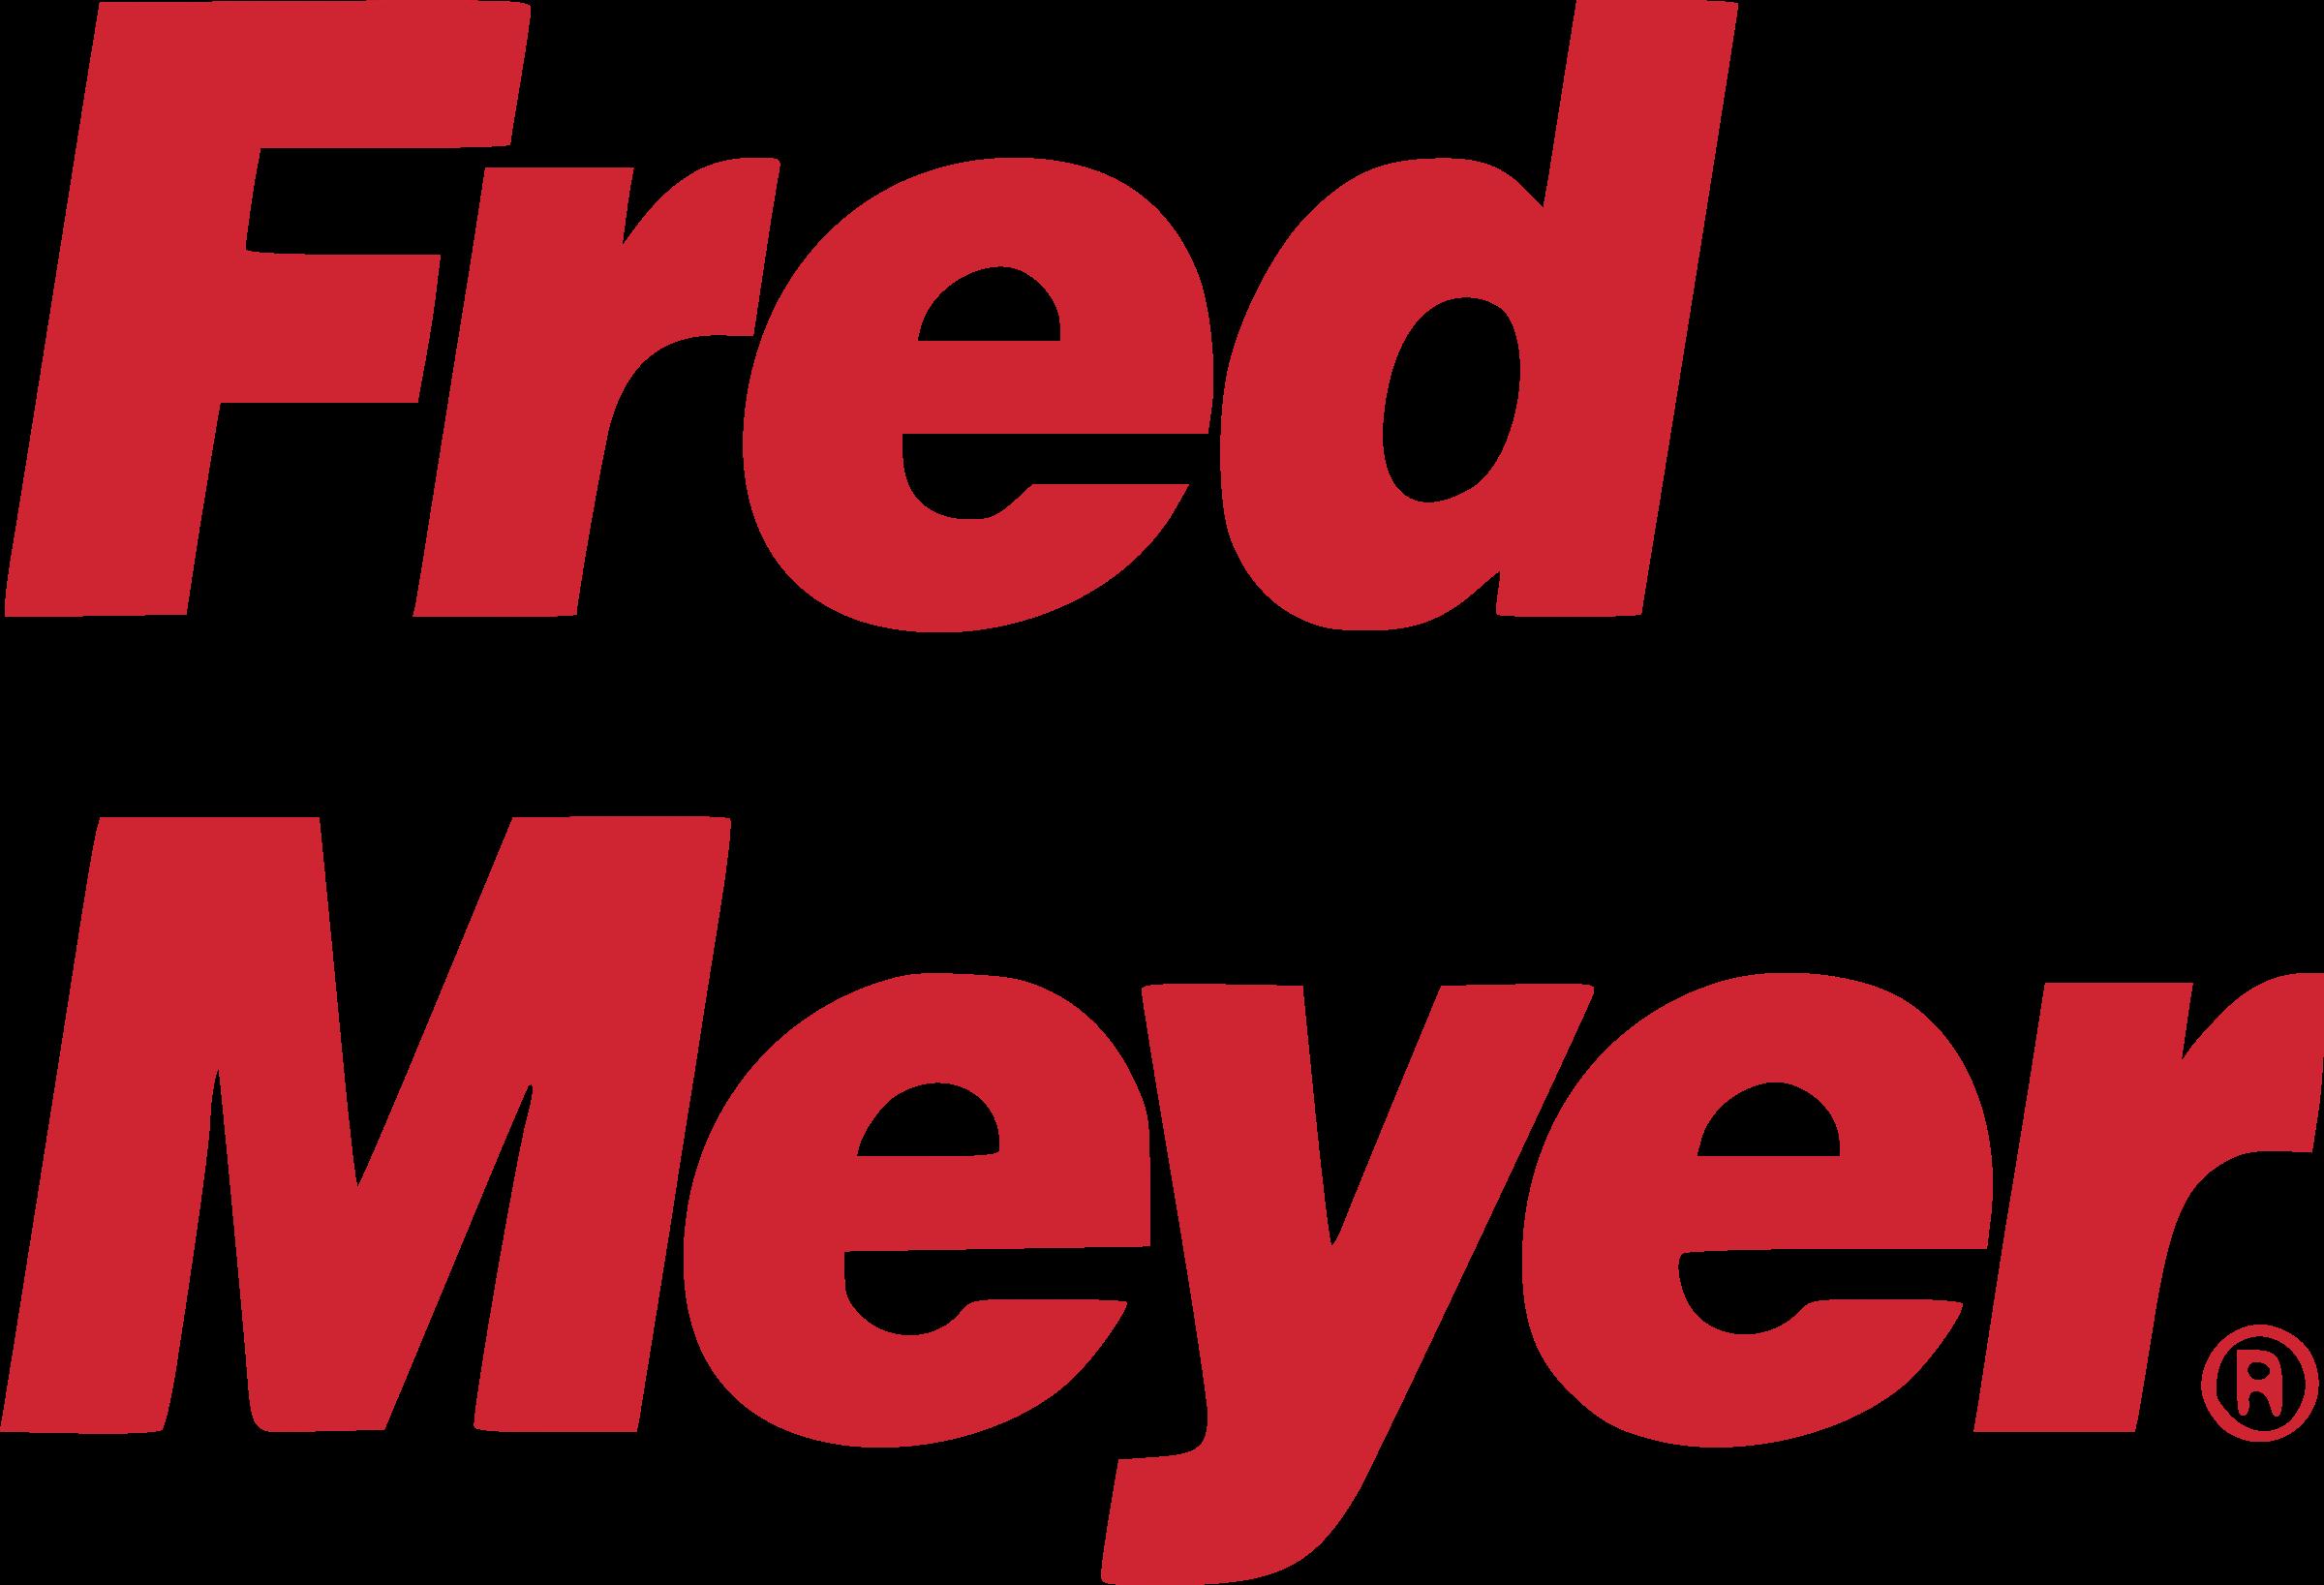 fred-meyer-2-logo-png-transparent.png